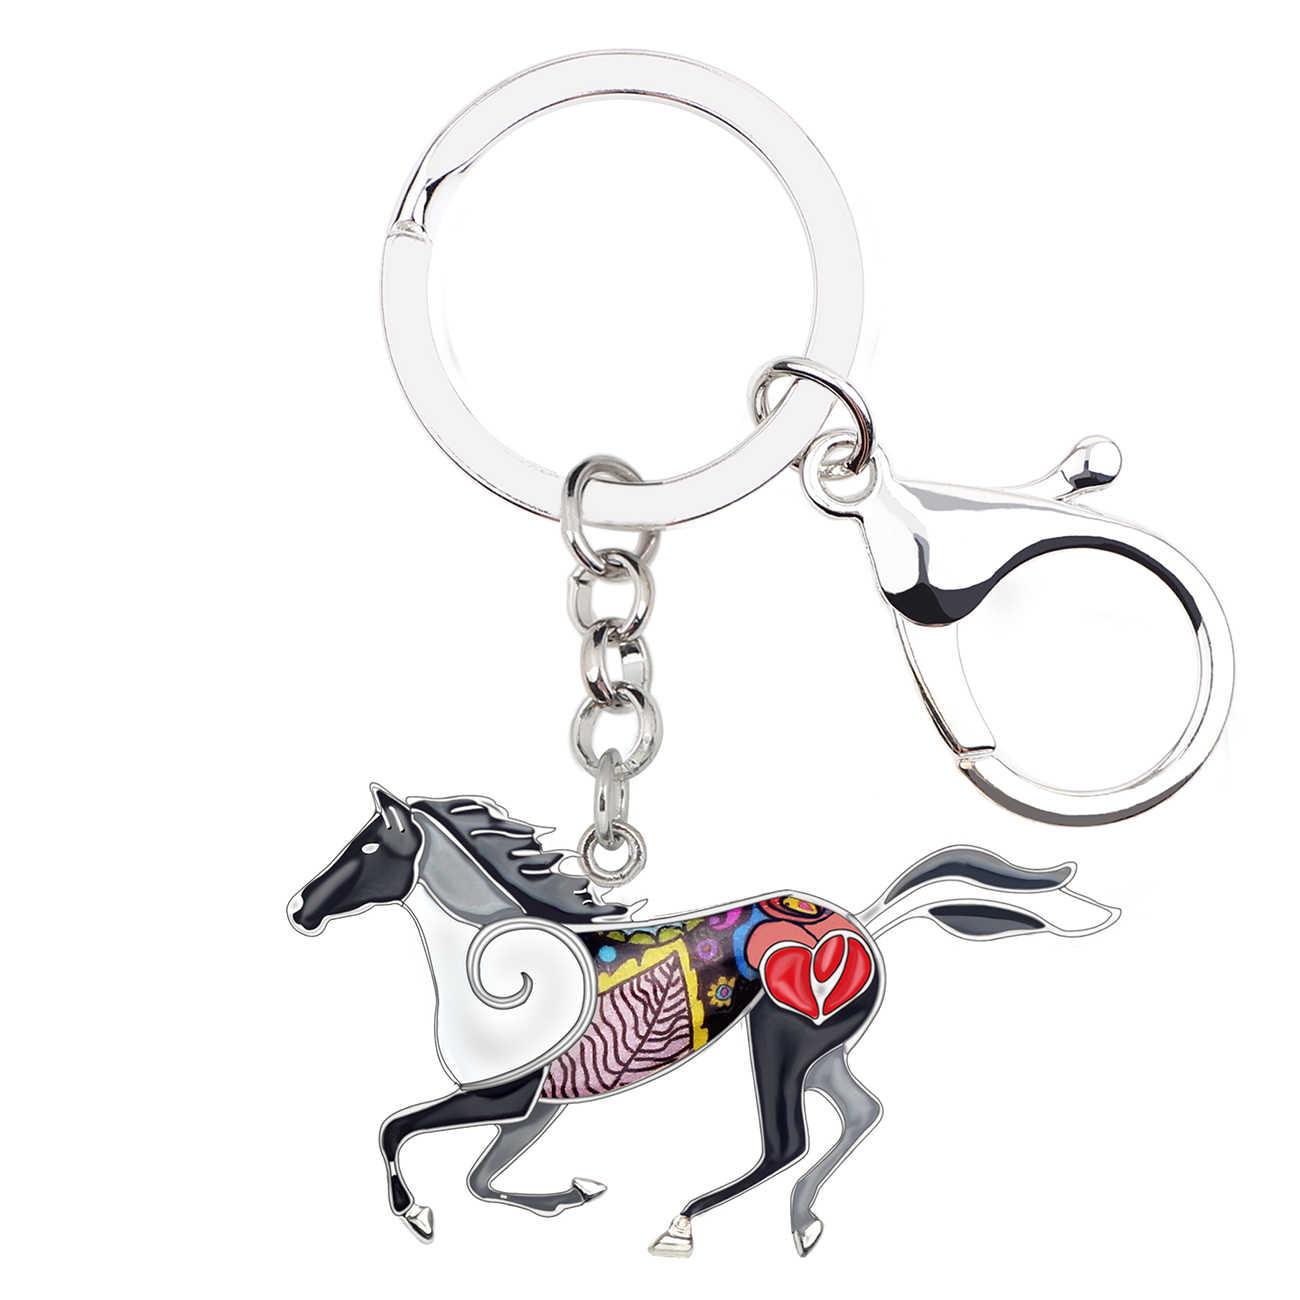 Bonsny émail alliage élégant cheval de course porte-clés porte-clés anneaux mode Animal bijoux pour femmes fille sac voiture pendentif breloques